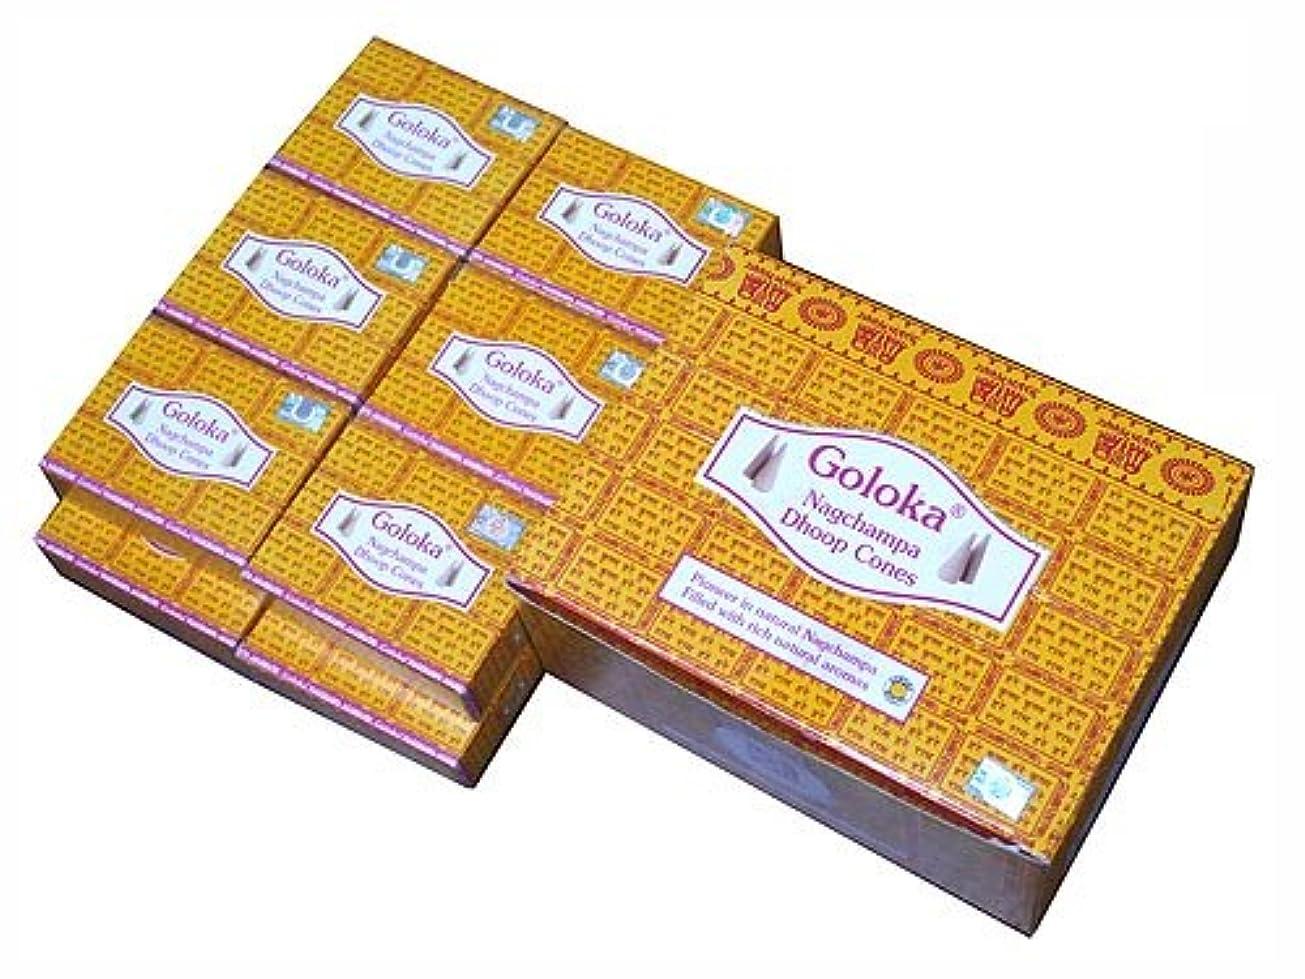 役職黒人爆発するGOLOKA(ゴロカ) ゴロカ ナグチャンパ香 コーンタイプ NAG CHAMPA CORN 12箱セット